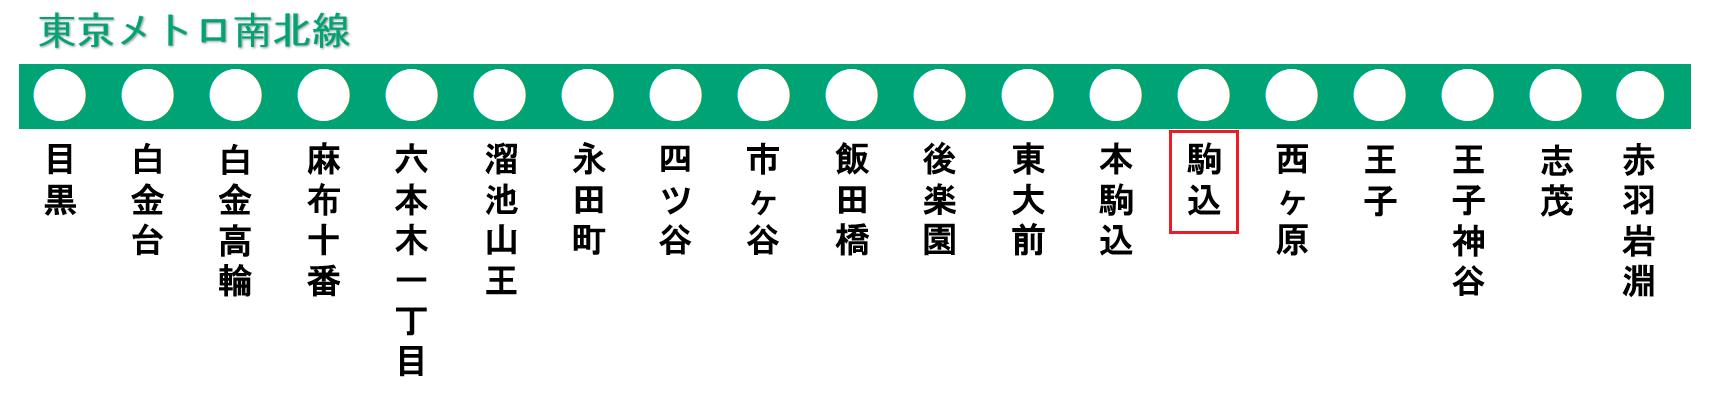 東京メトロ南北線の路線図(駒込駅)